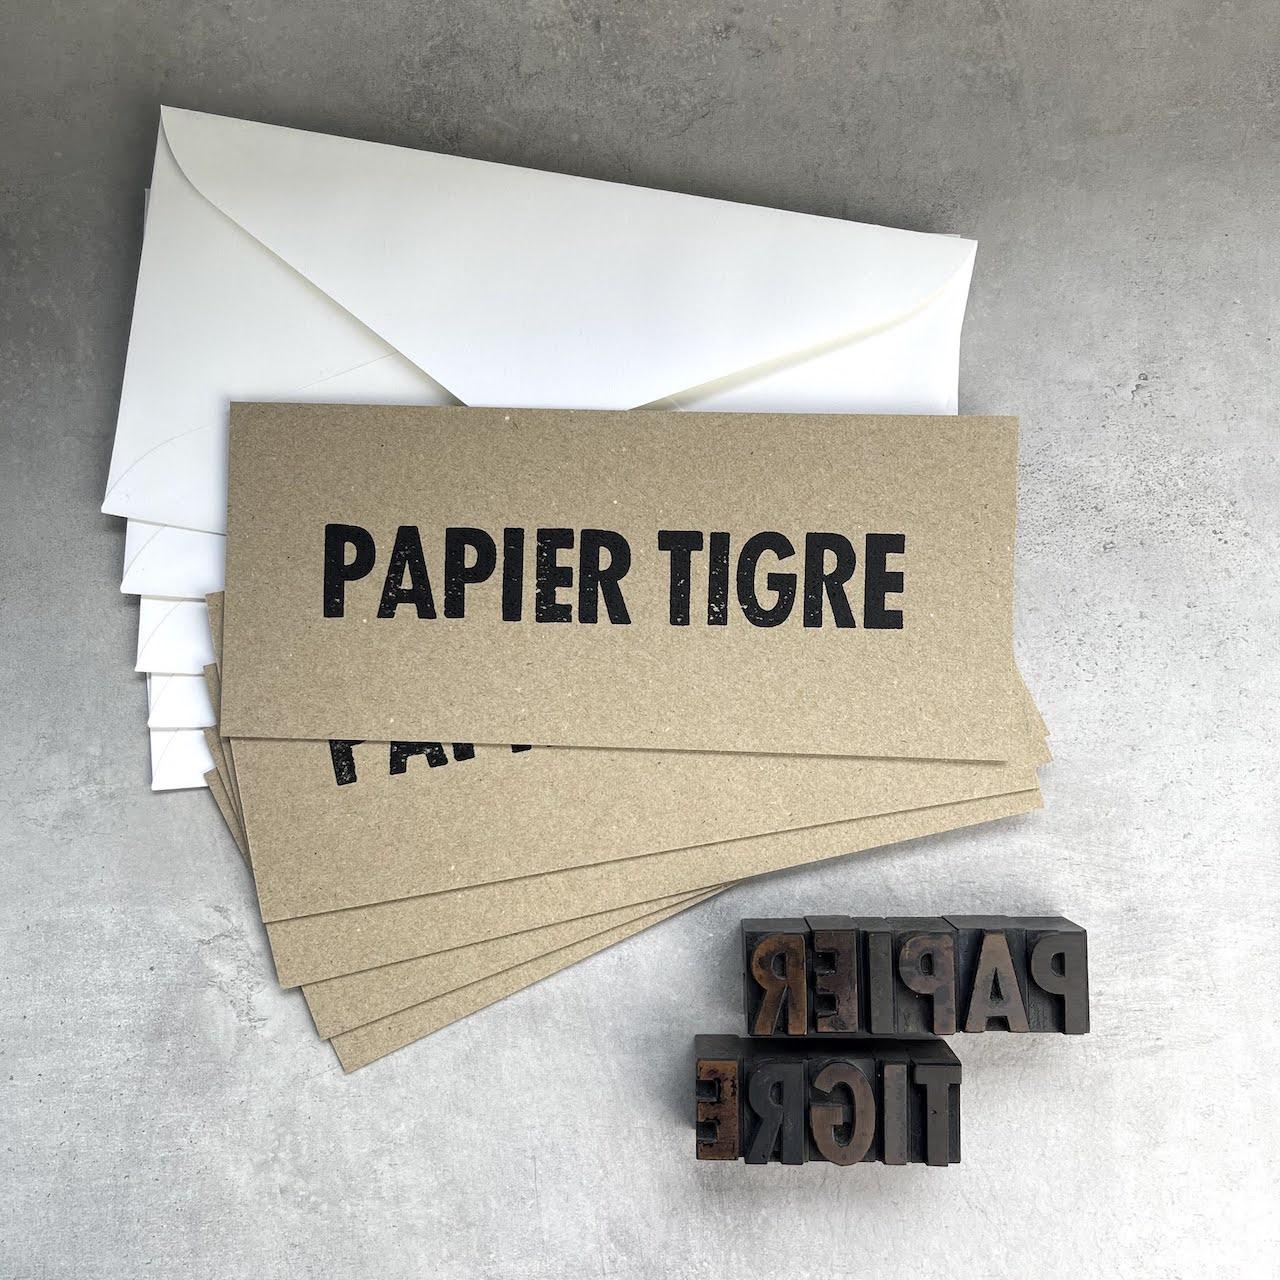 活版印刷オリジナルレターセットワークショップ